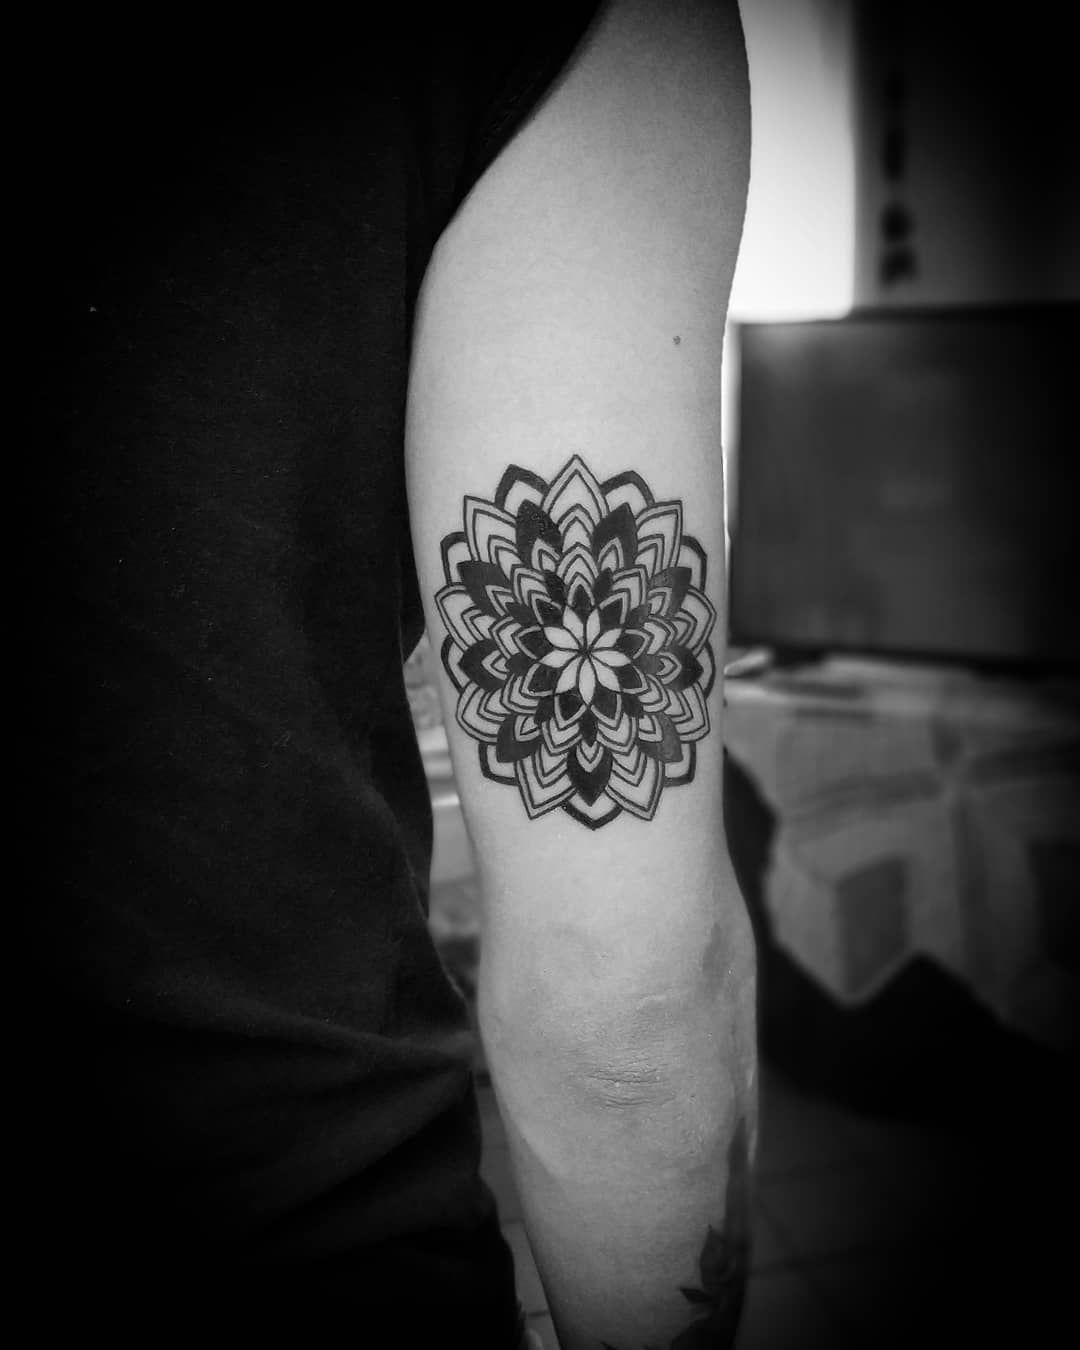 / Mandala / #tattoo #tattoos #tattooalday #mandals #mandala #mandalatattoo #linetattoo #lineart #linework #lineworktattoo #blacktattoo #blackart #dynamicink #dynamicblack #darkart #darkartists